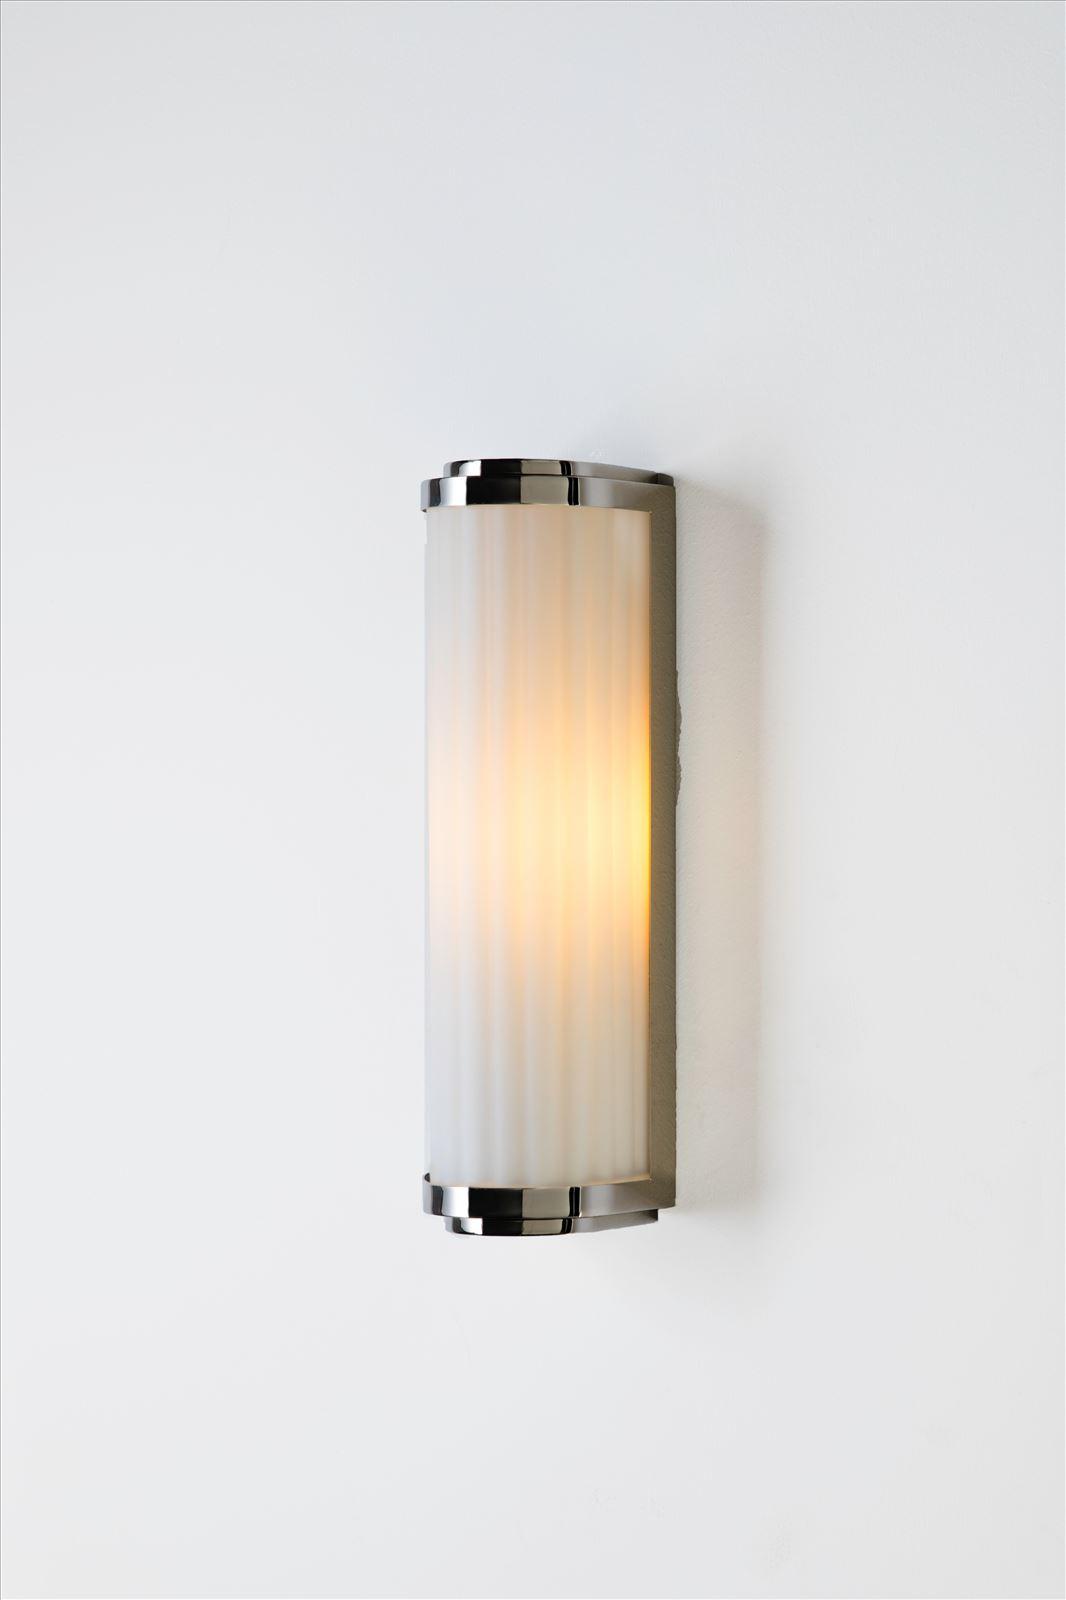 גופי תאורה בקטגוריית: מנורות קיר  ,שם המוצר: Tubino Opal